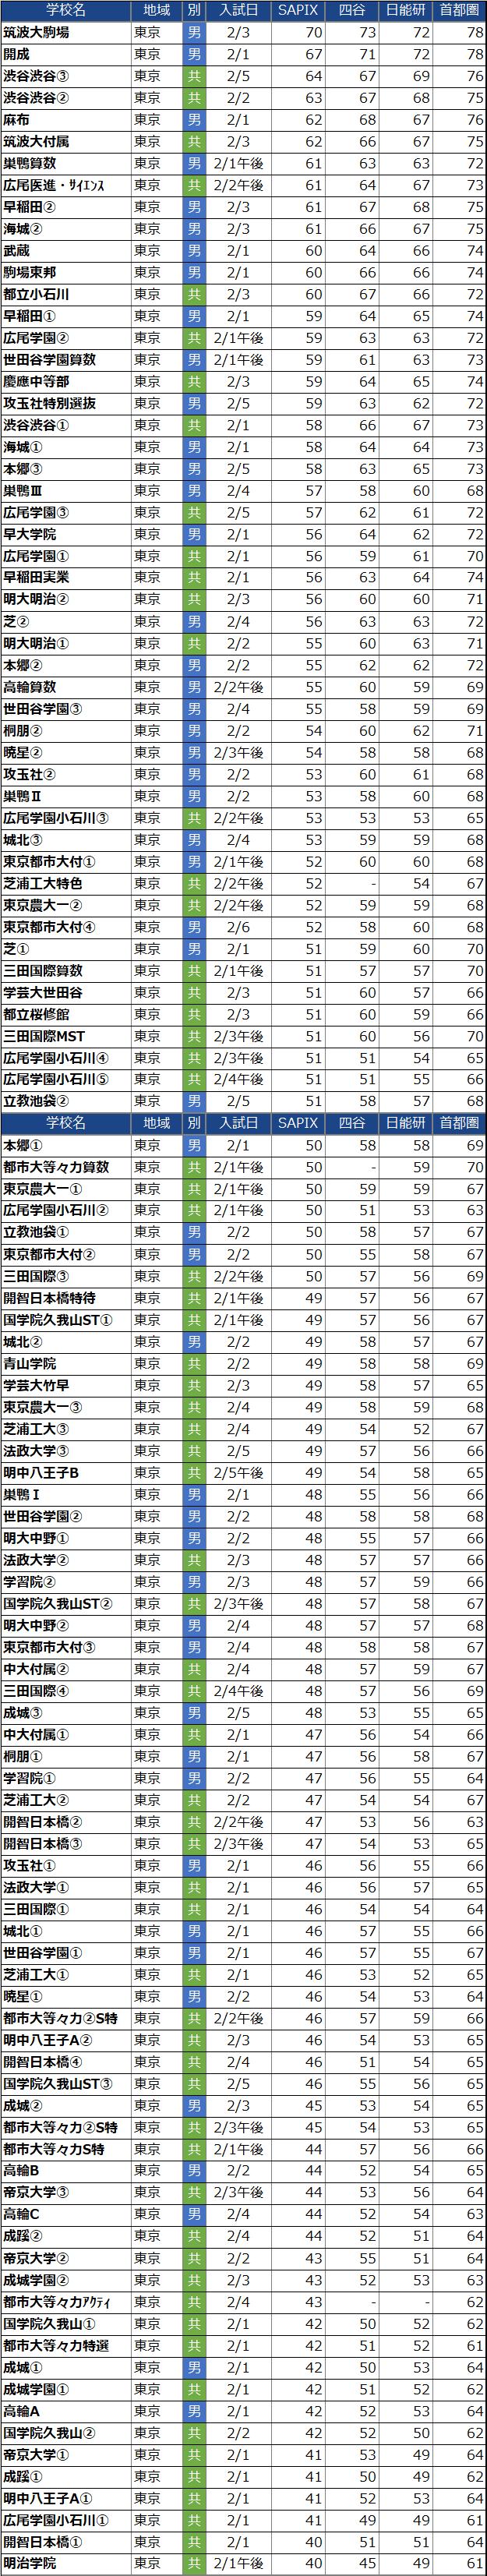 偏差値順の東京都男子中学校偏差値(2022年度)